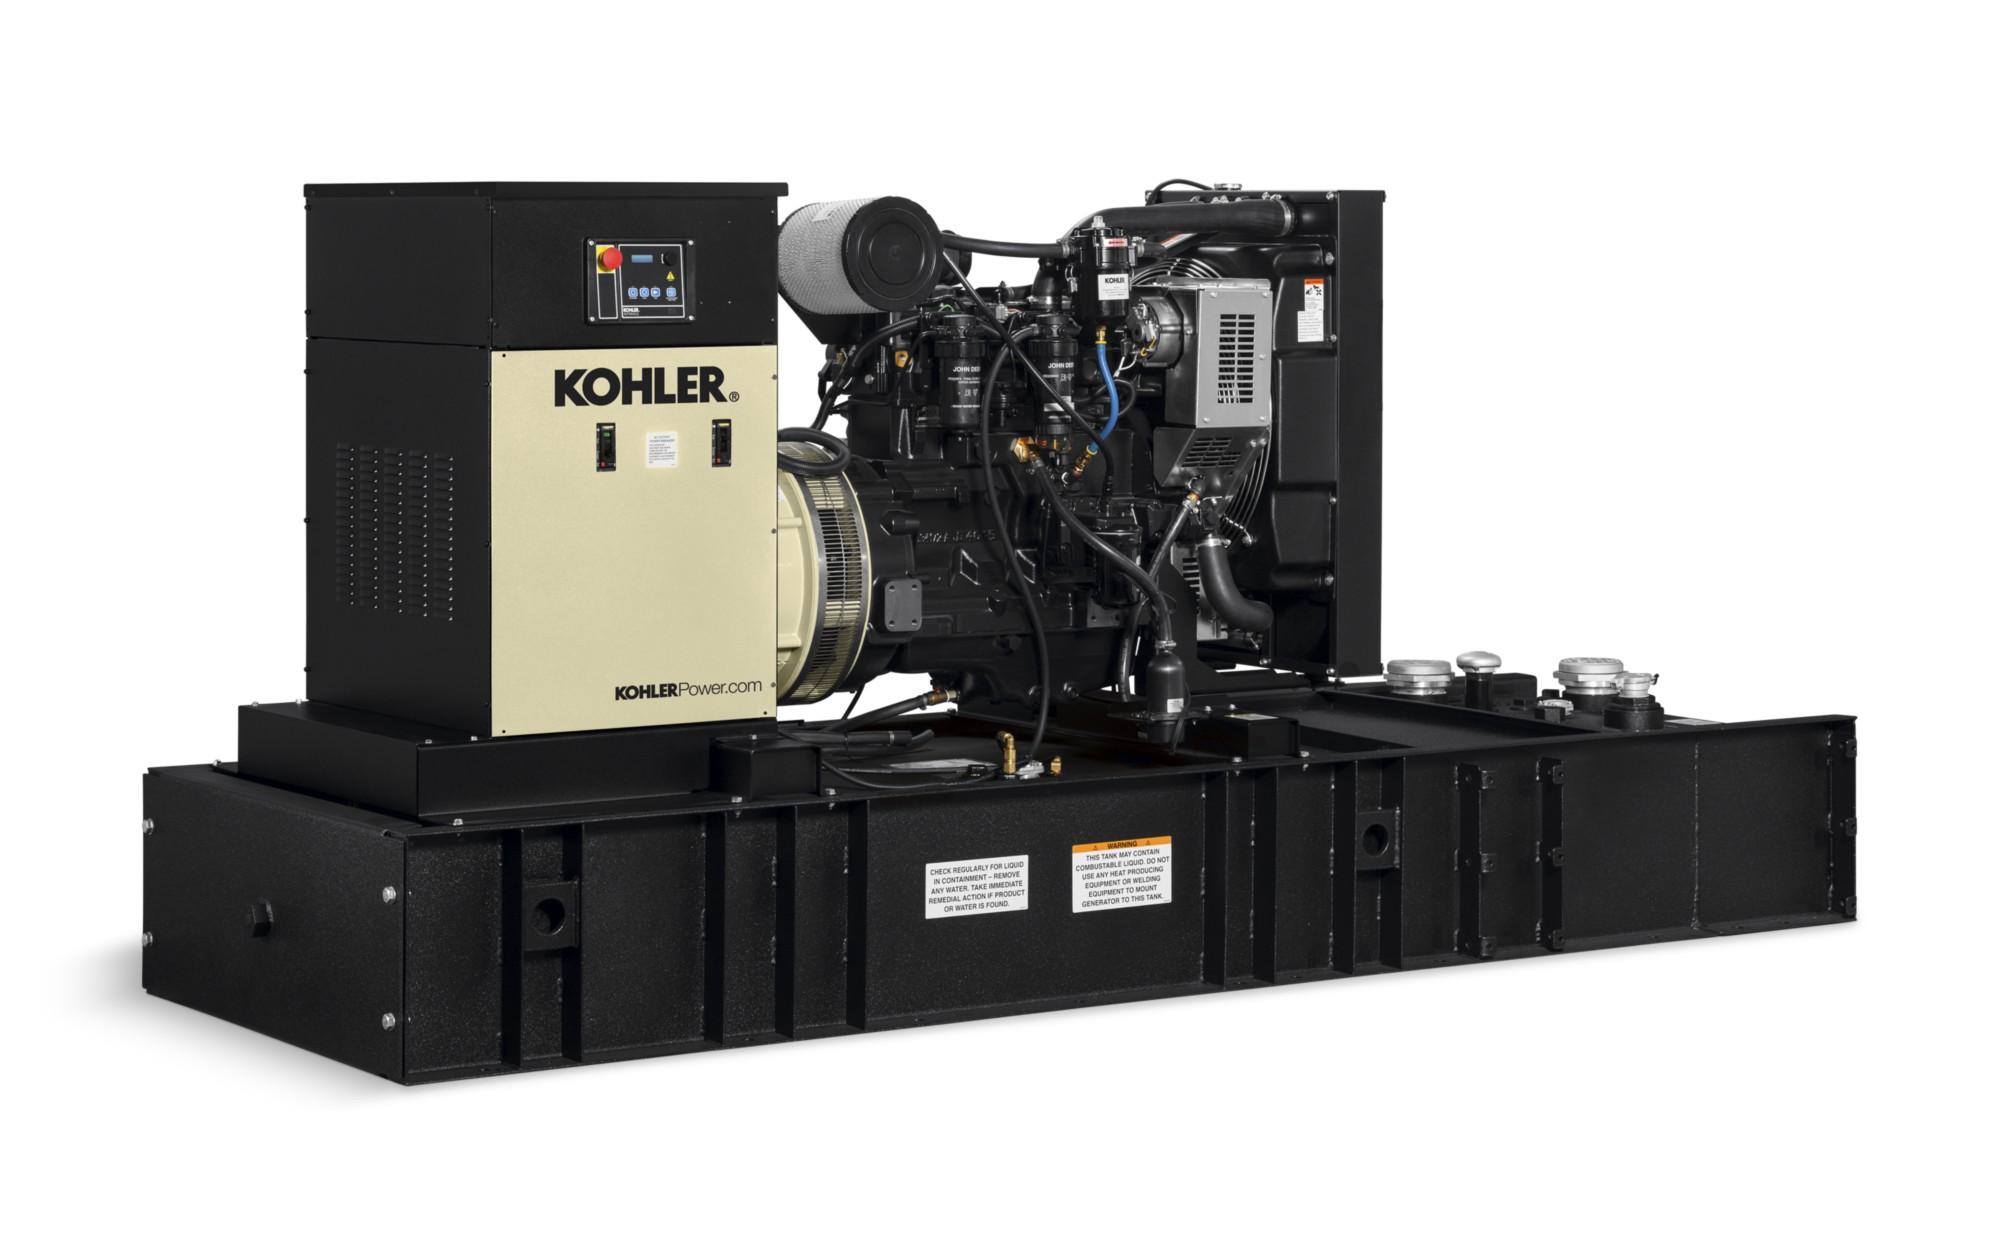 100reozjf 60 Hz Industrial Diesel Generators Kohler 50 Kw Engine Electrical Diagram